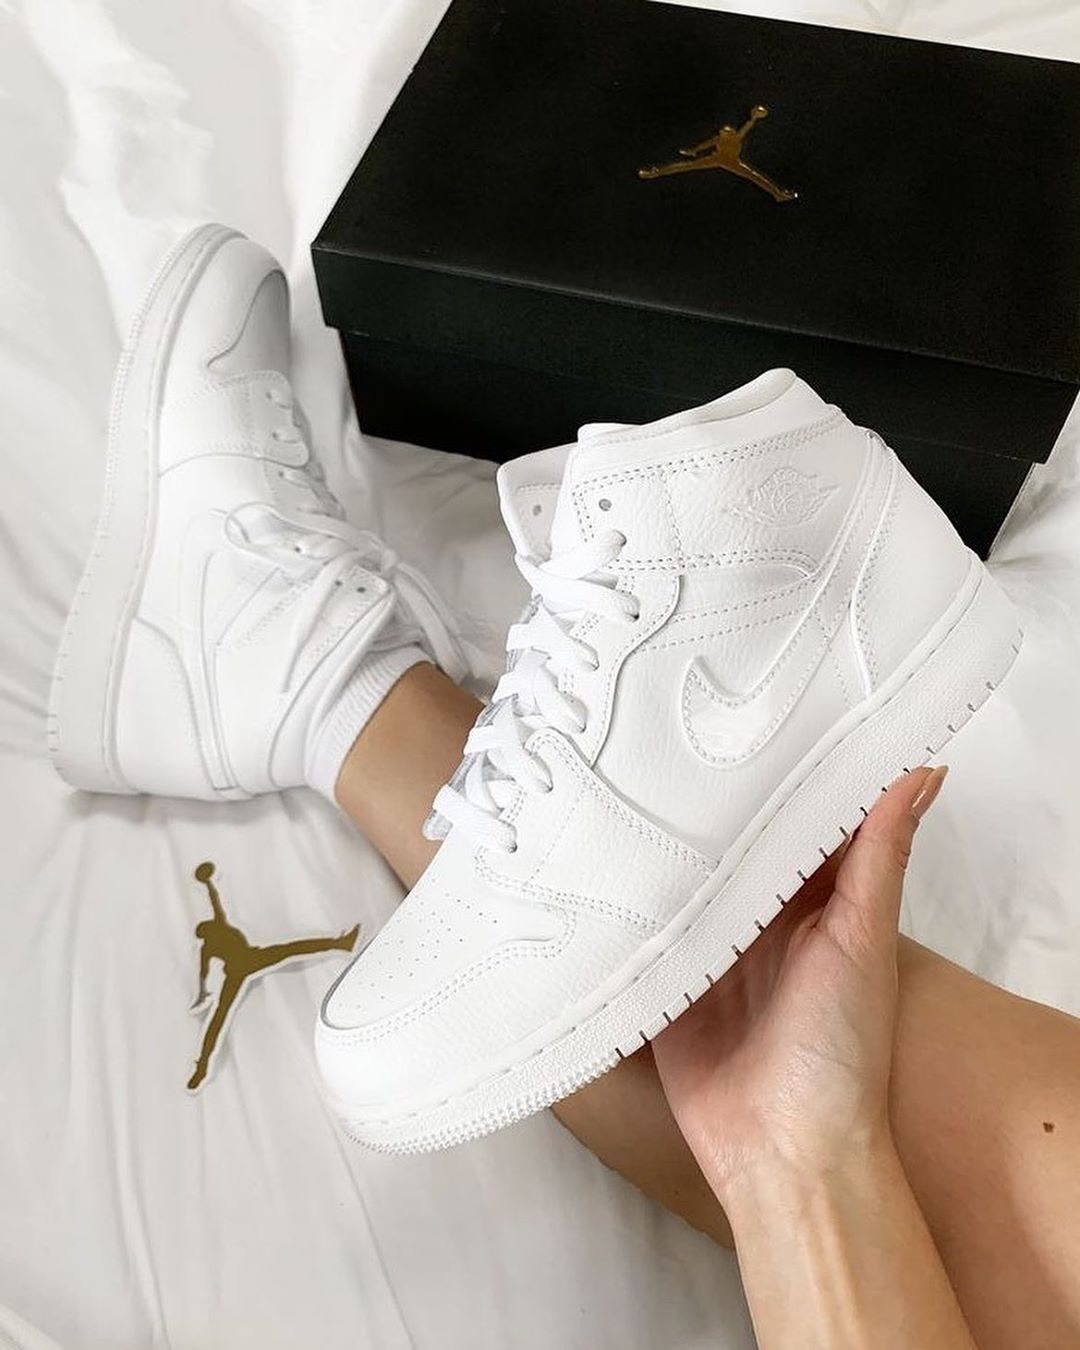 Hàng chính hãng Jordan 1 Mid All White